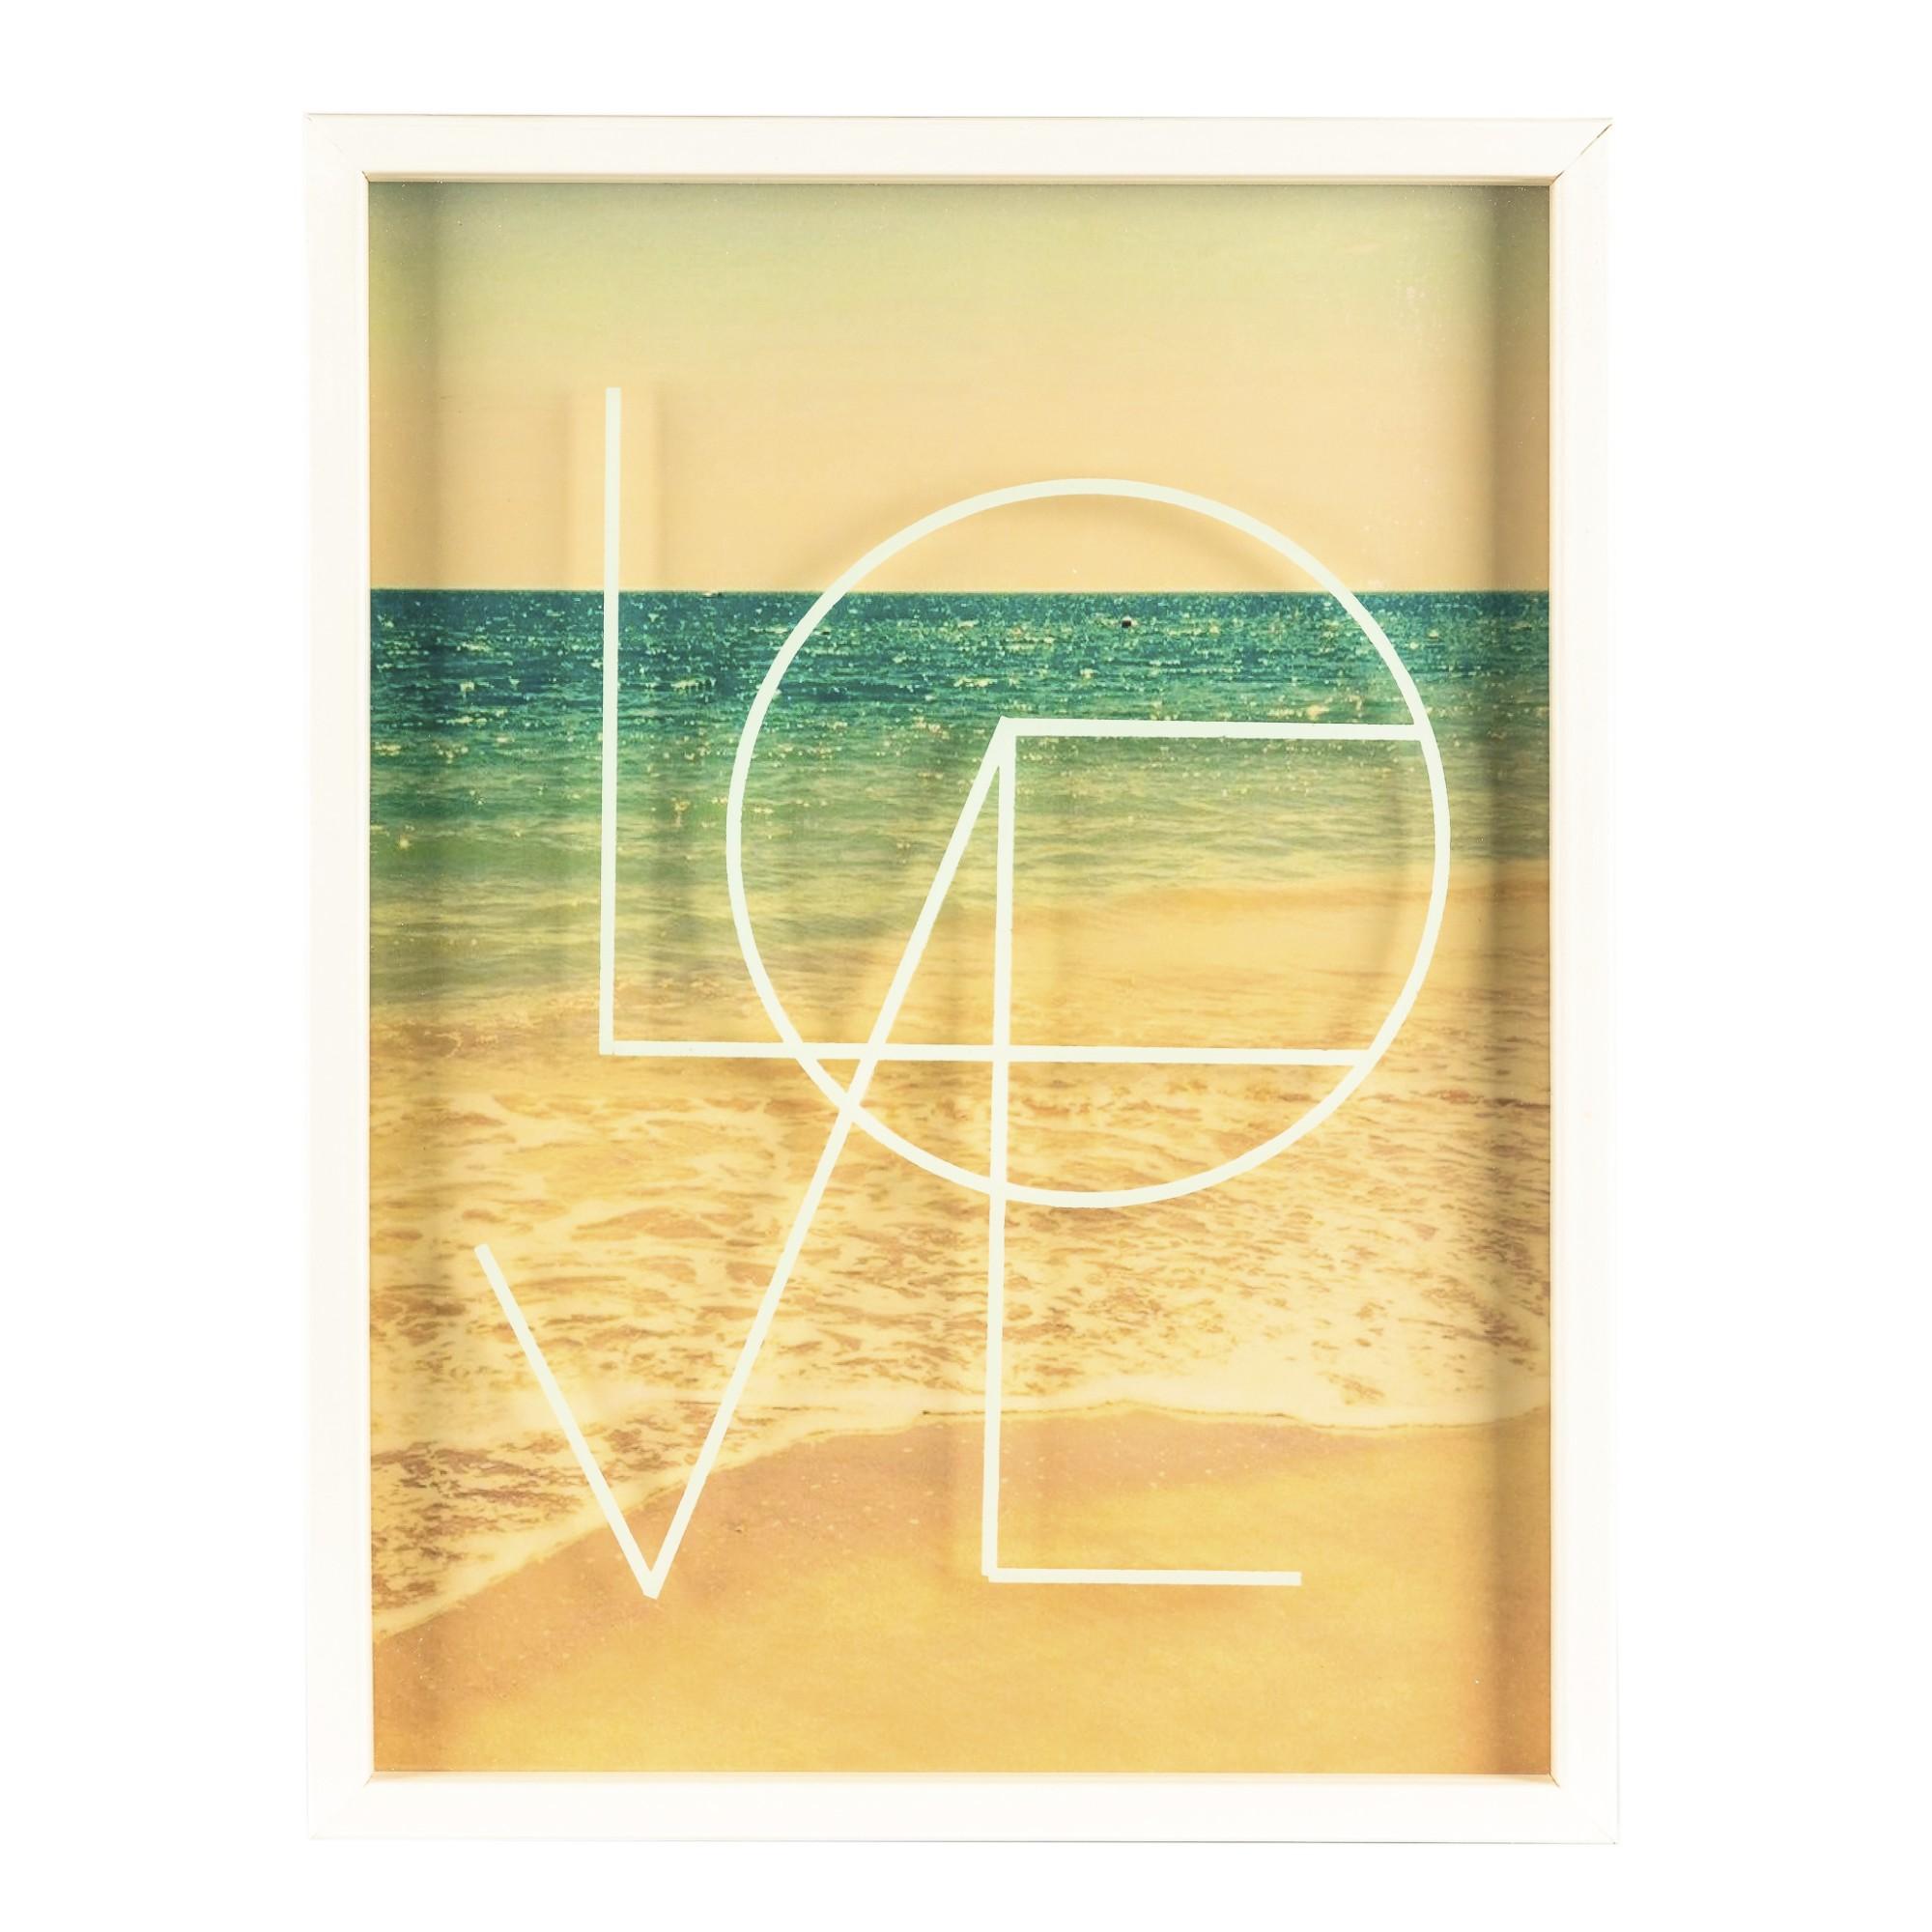 Quadro Decorativo 30x40 cm com Vidro Pintado Love 3341 - Art Frame